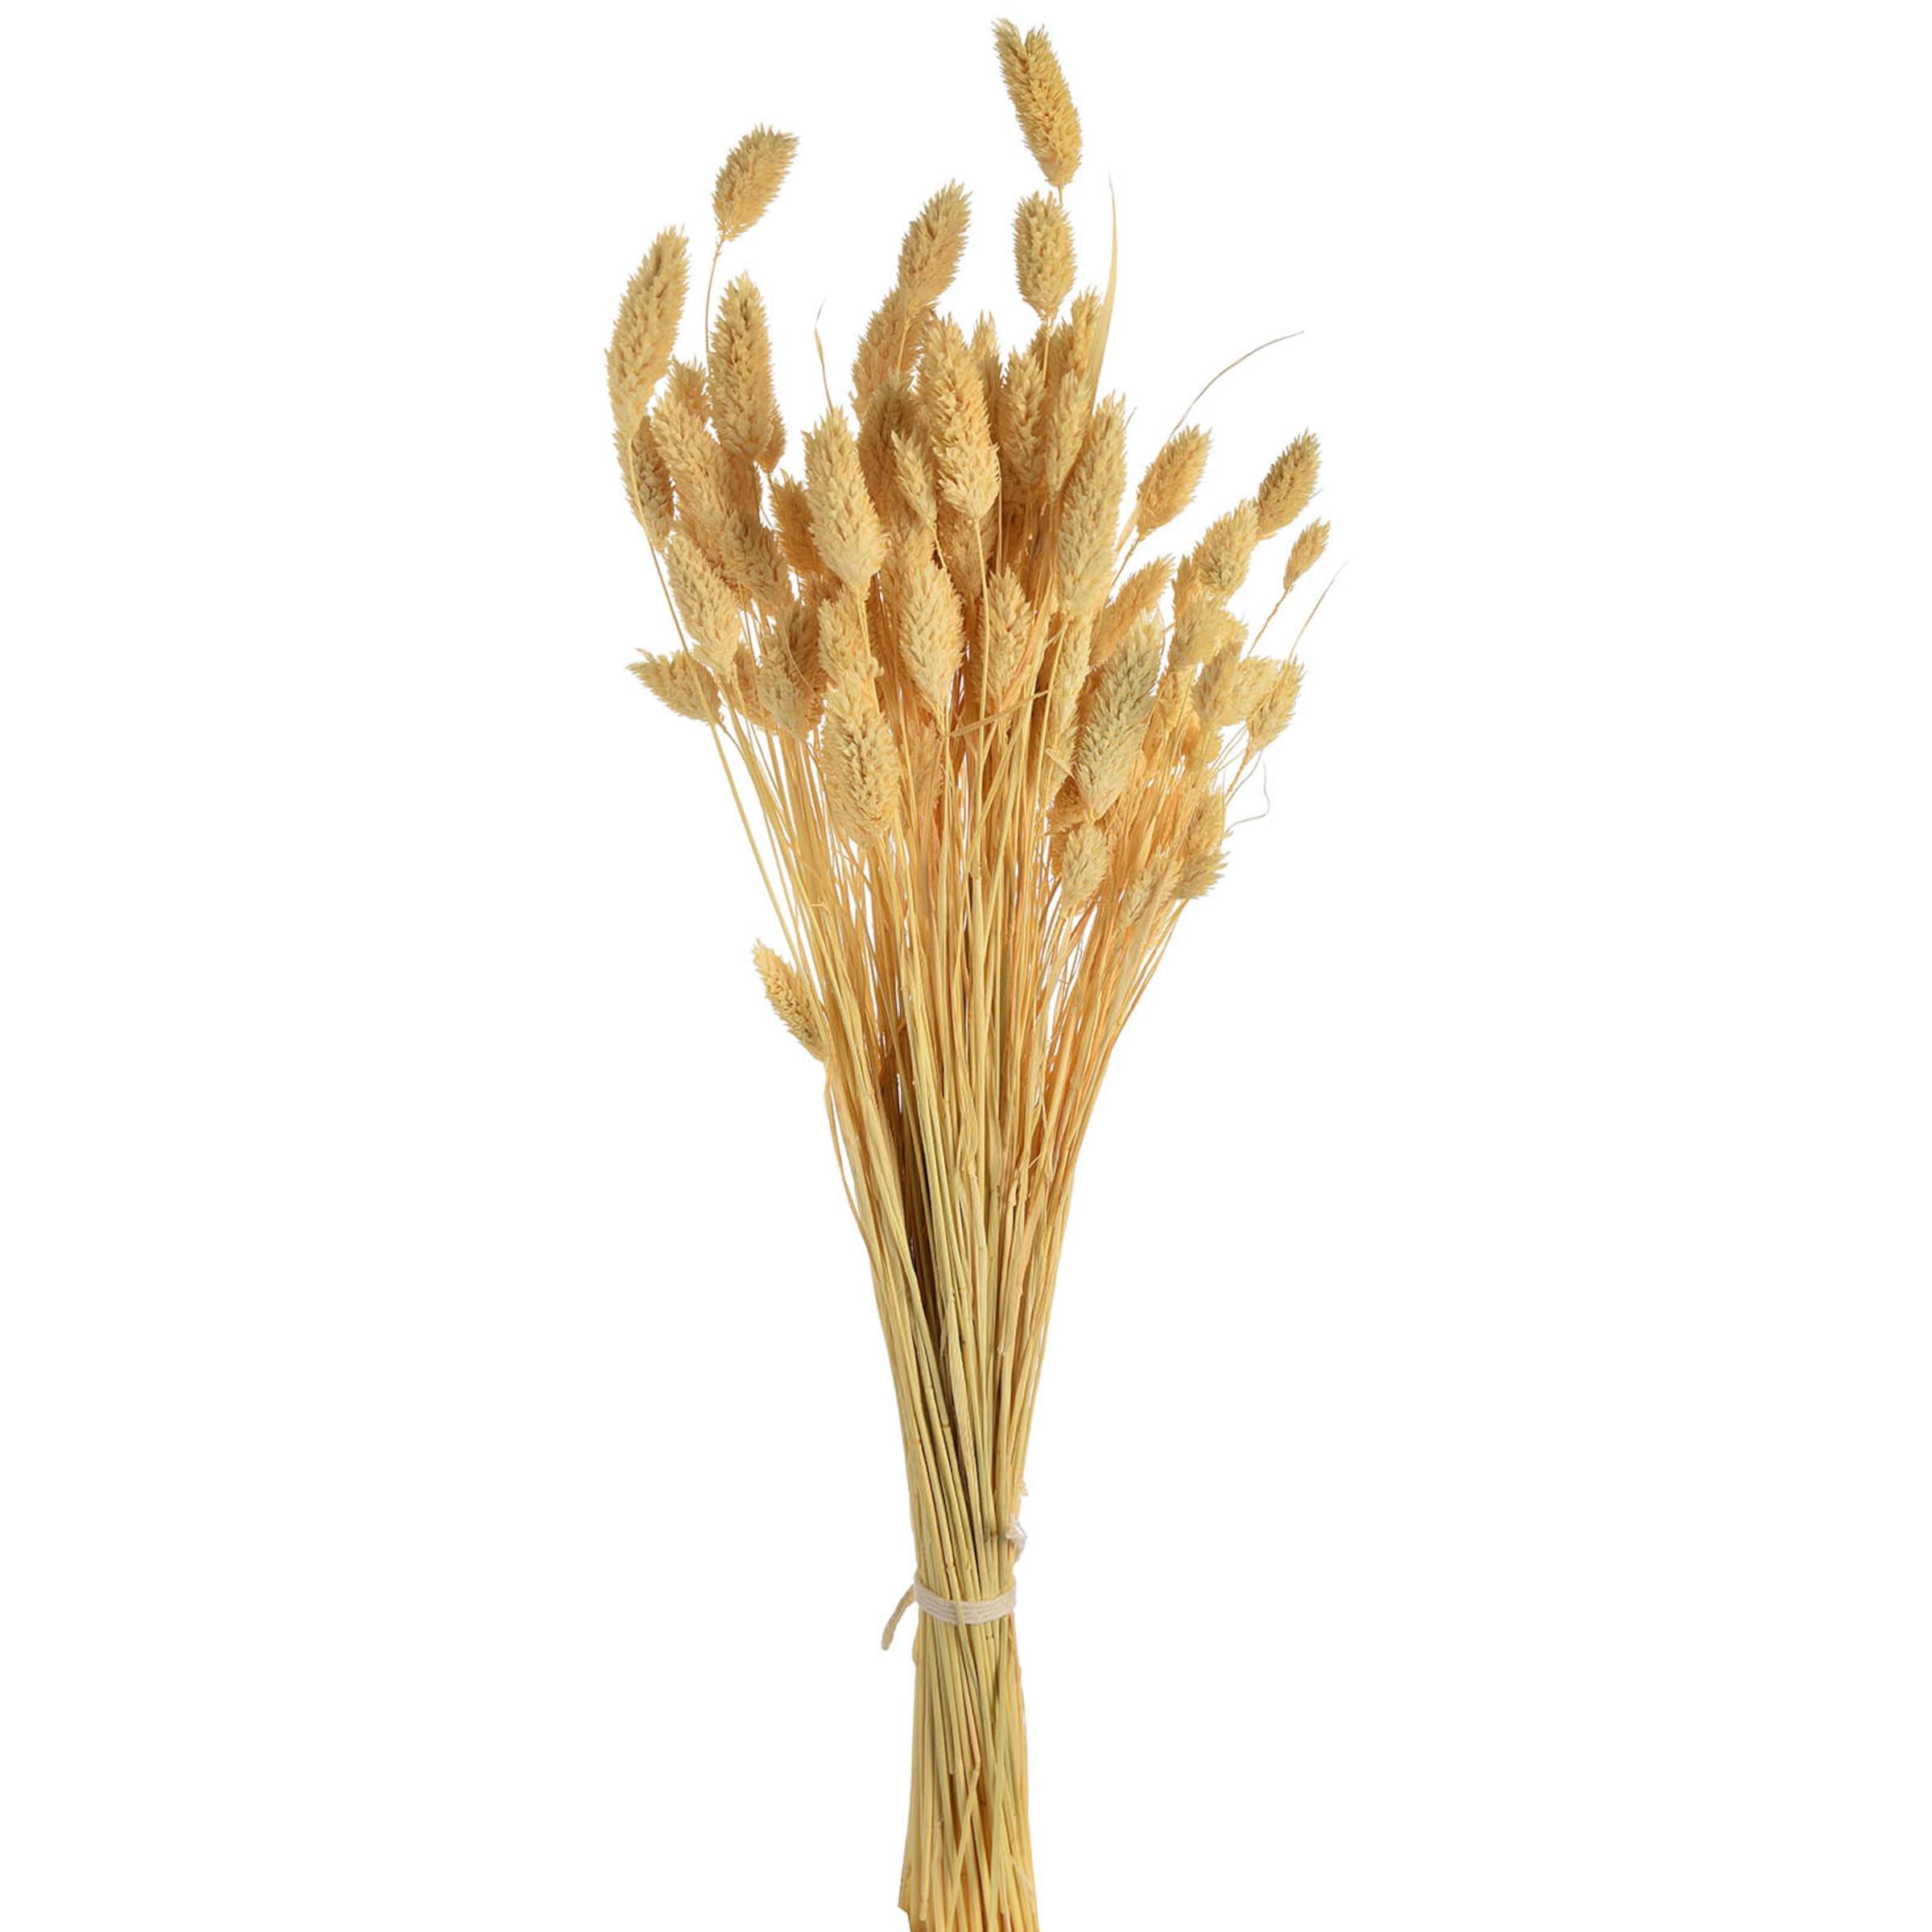 Blumenbündel Samtgras 60cm, offweiss